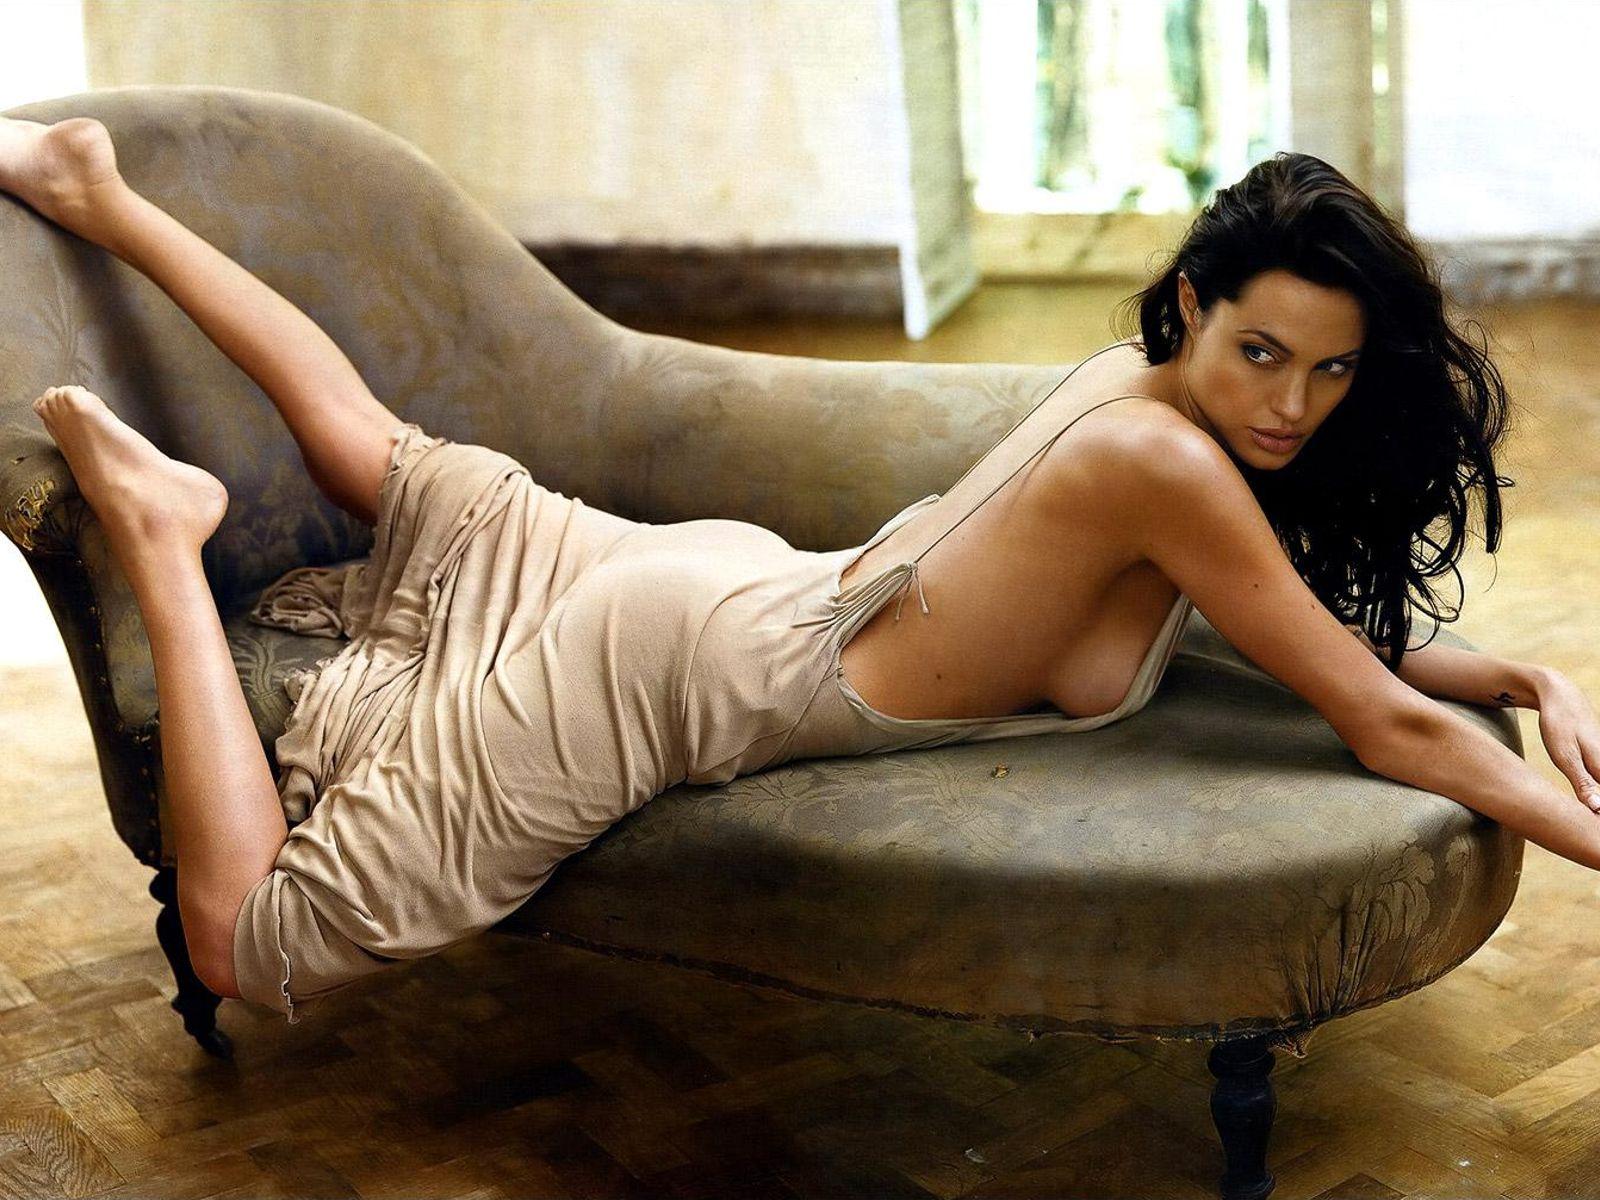 http://4.bp.blogspot.com/-VbRbLeZv0EI/TdYMRQQLCII/AAAAAAAAAjg/qUydqnptAKA/s1600/angelina+jolie+hollywood+actress+hot+nude+naked+topless+puzzy+full+sexy+porn+blue+theatre+street++009.jpg